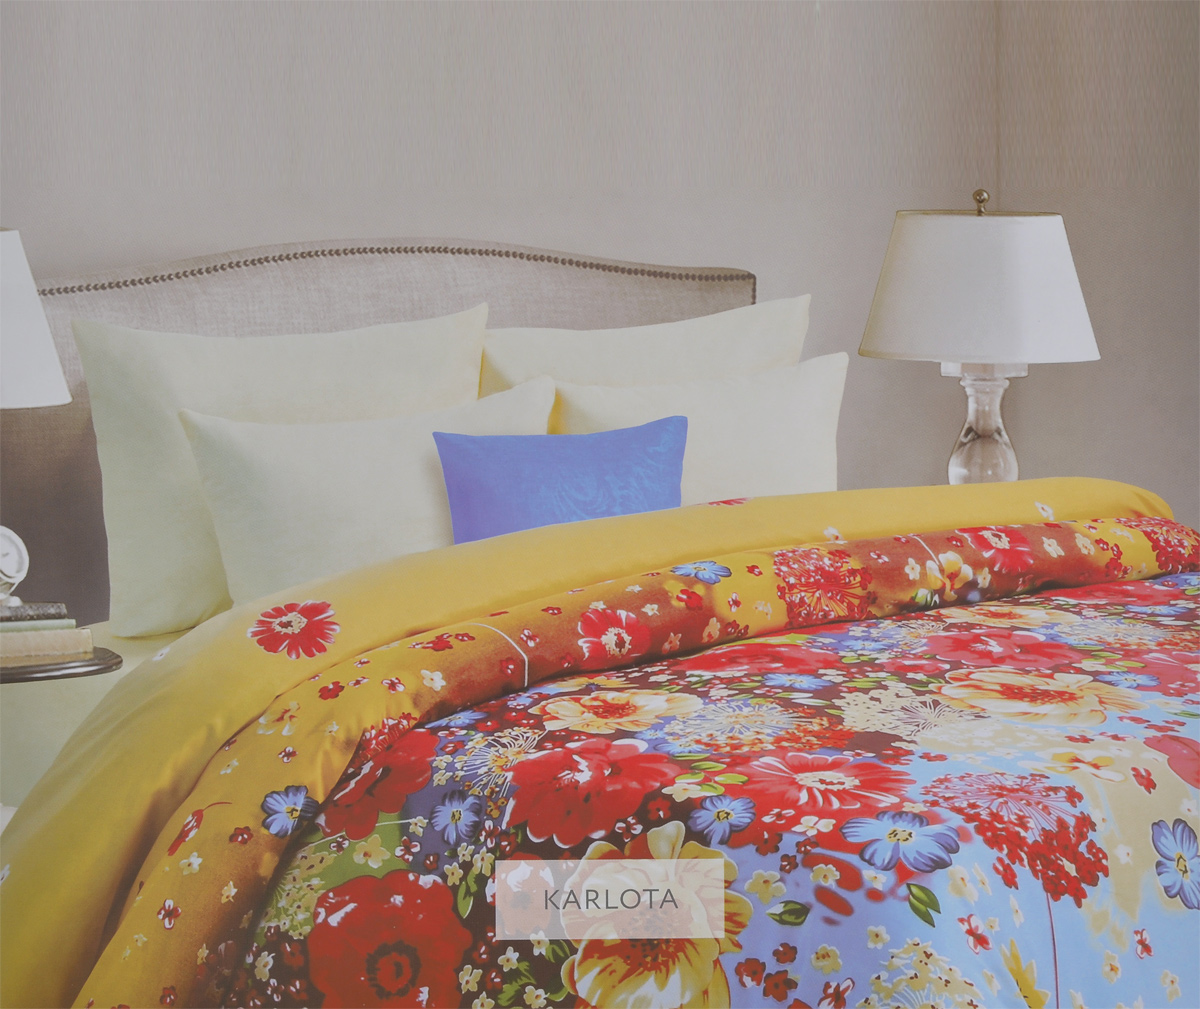 Комплект белья Mona Liza Karlota, 1,5-спальный, наволочки 70х70. 561114/5391602Комплект белья Mona Liza Karlota, выполненный из батиста (100% хлопок), состоит из пододеяльника, простыни и двух наволочек. Изделия оформлены ярким цветочным рисунком. Батист - тонкая, легкая натуральная ткань полотняного переплетения. Батист, несомненно, является одной из самых аристократичных и совершенных тканей. Он отличается нежностью, трепетной утонченностью и изысканностью. Ткань с незначительной сминаемостью, хорошо сохраняющая цвет при стирке, легкая, с прекрасными гигиеническими показателями. Рекомендации по уходу: - Ручная и машинная стирка 40°С, - Гладить при температуре не более 150°С, - Не использовать хлорсодержащие средства, - Щадящая сушка, - Не подвергать химчистке.